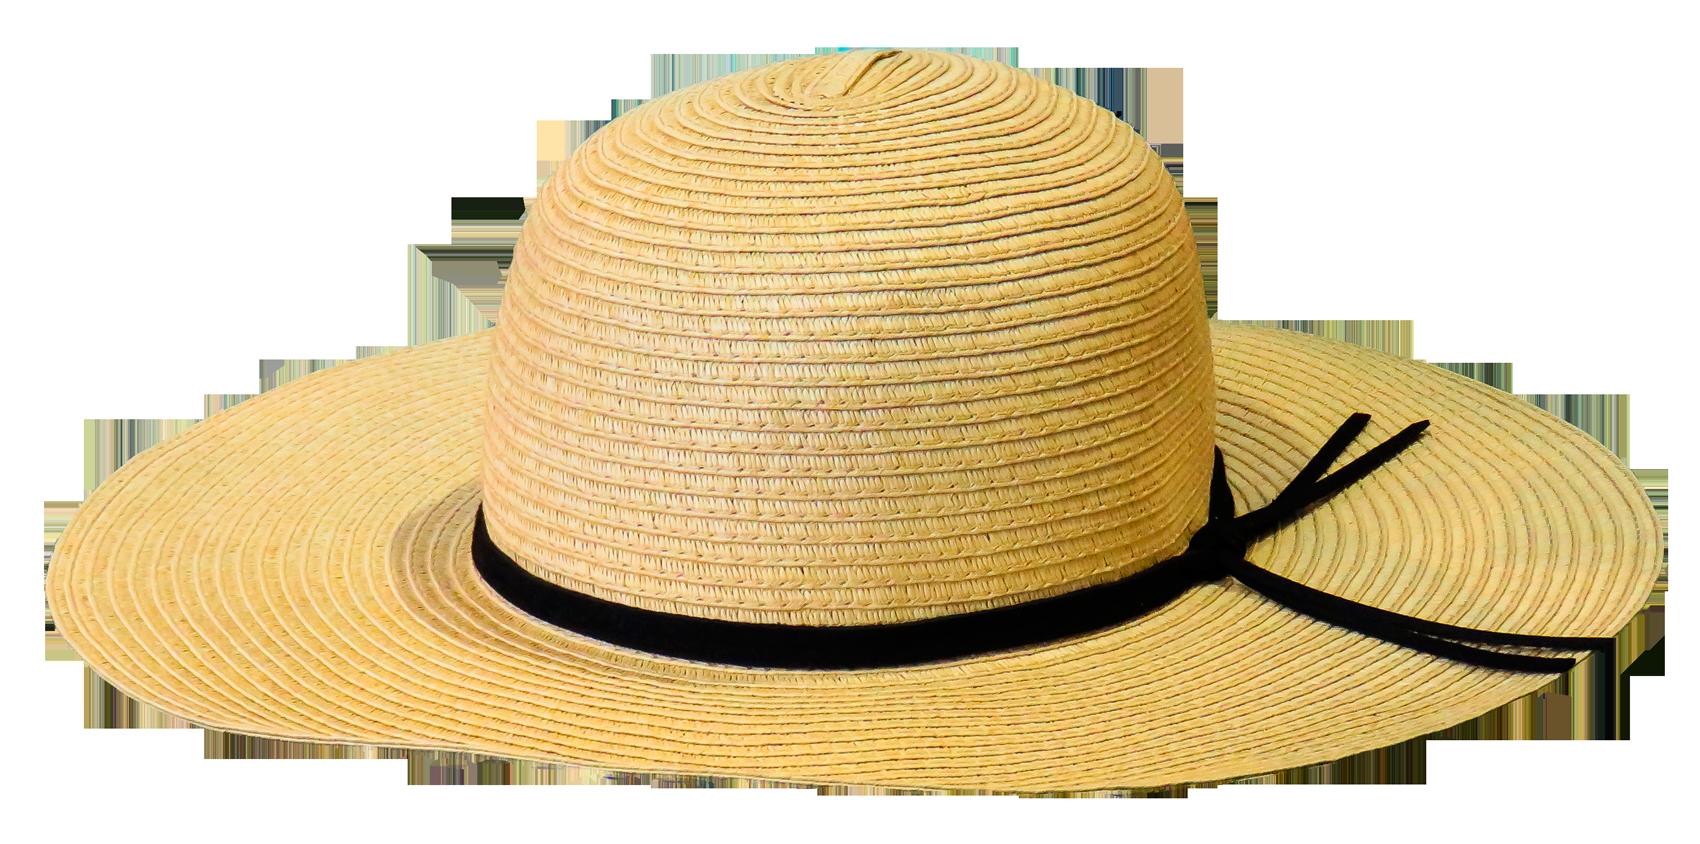 1700x844 Hat Png Transparent Image